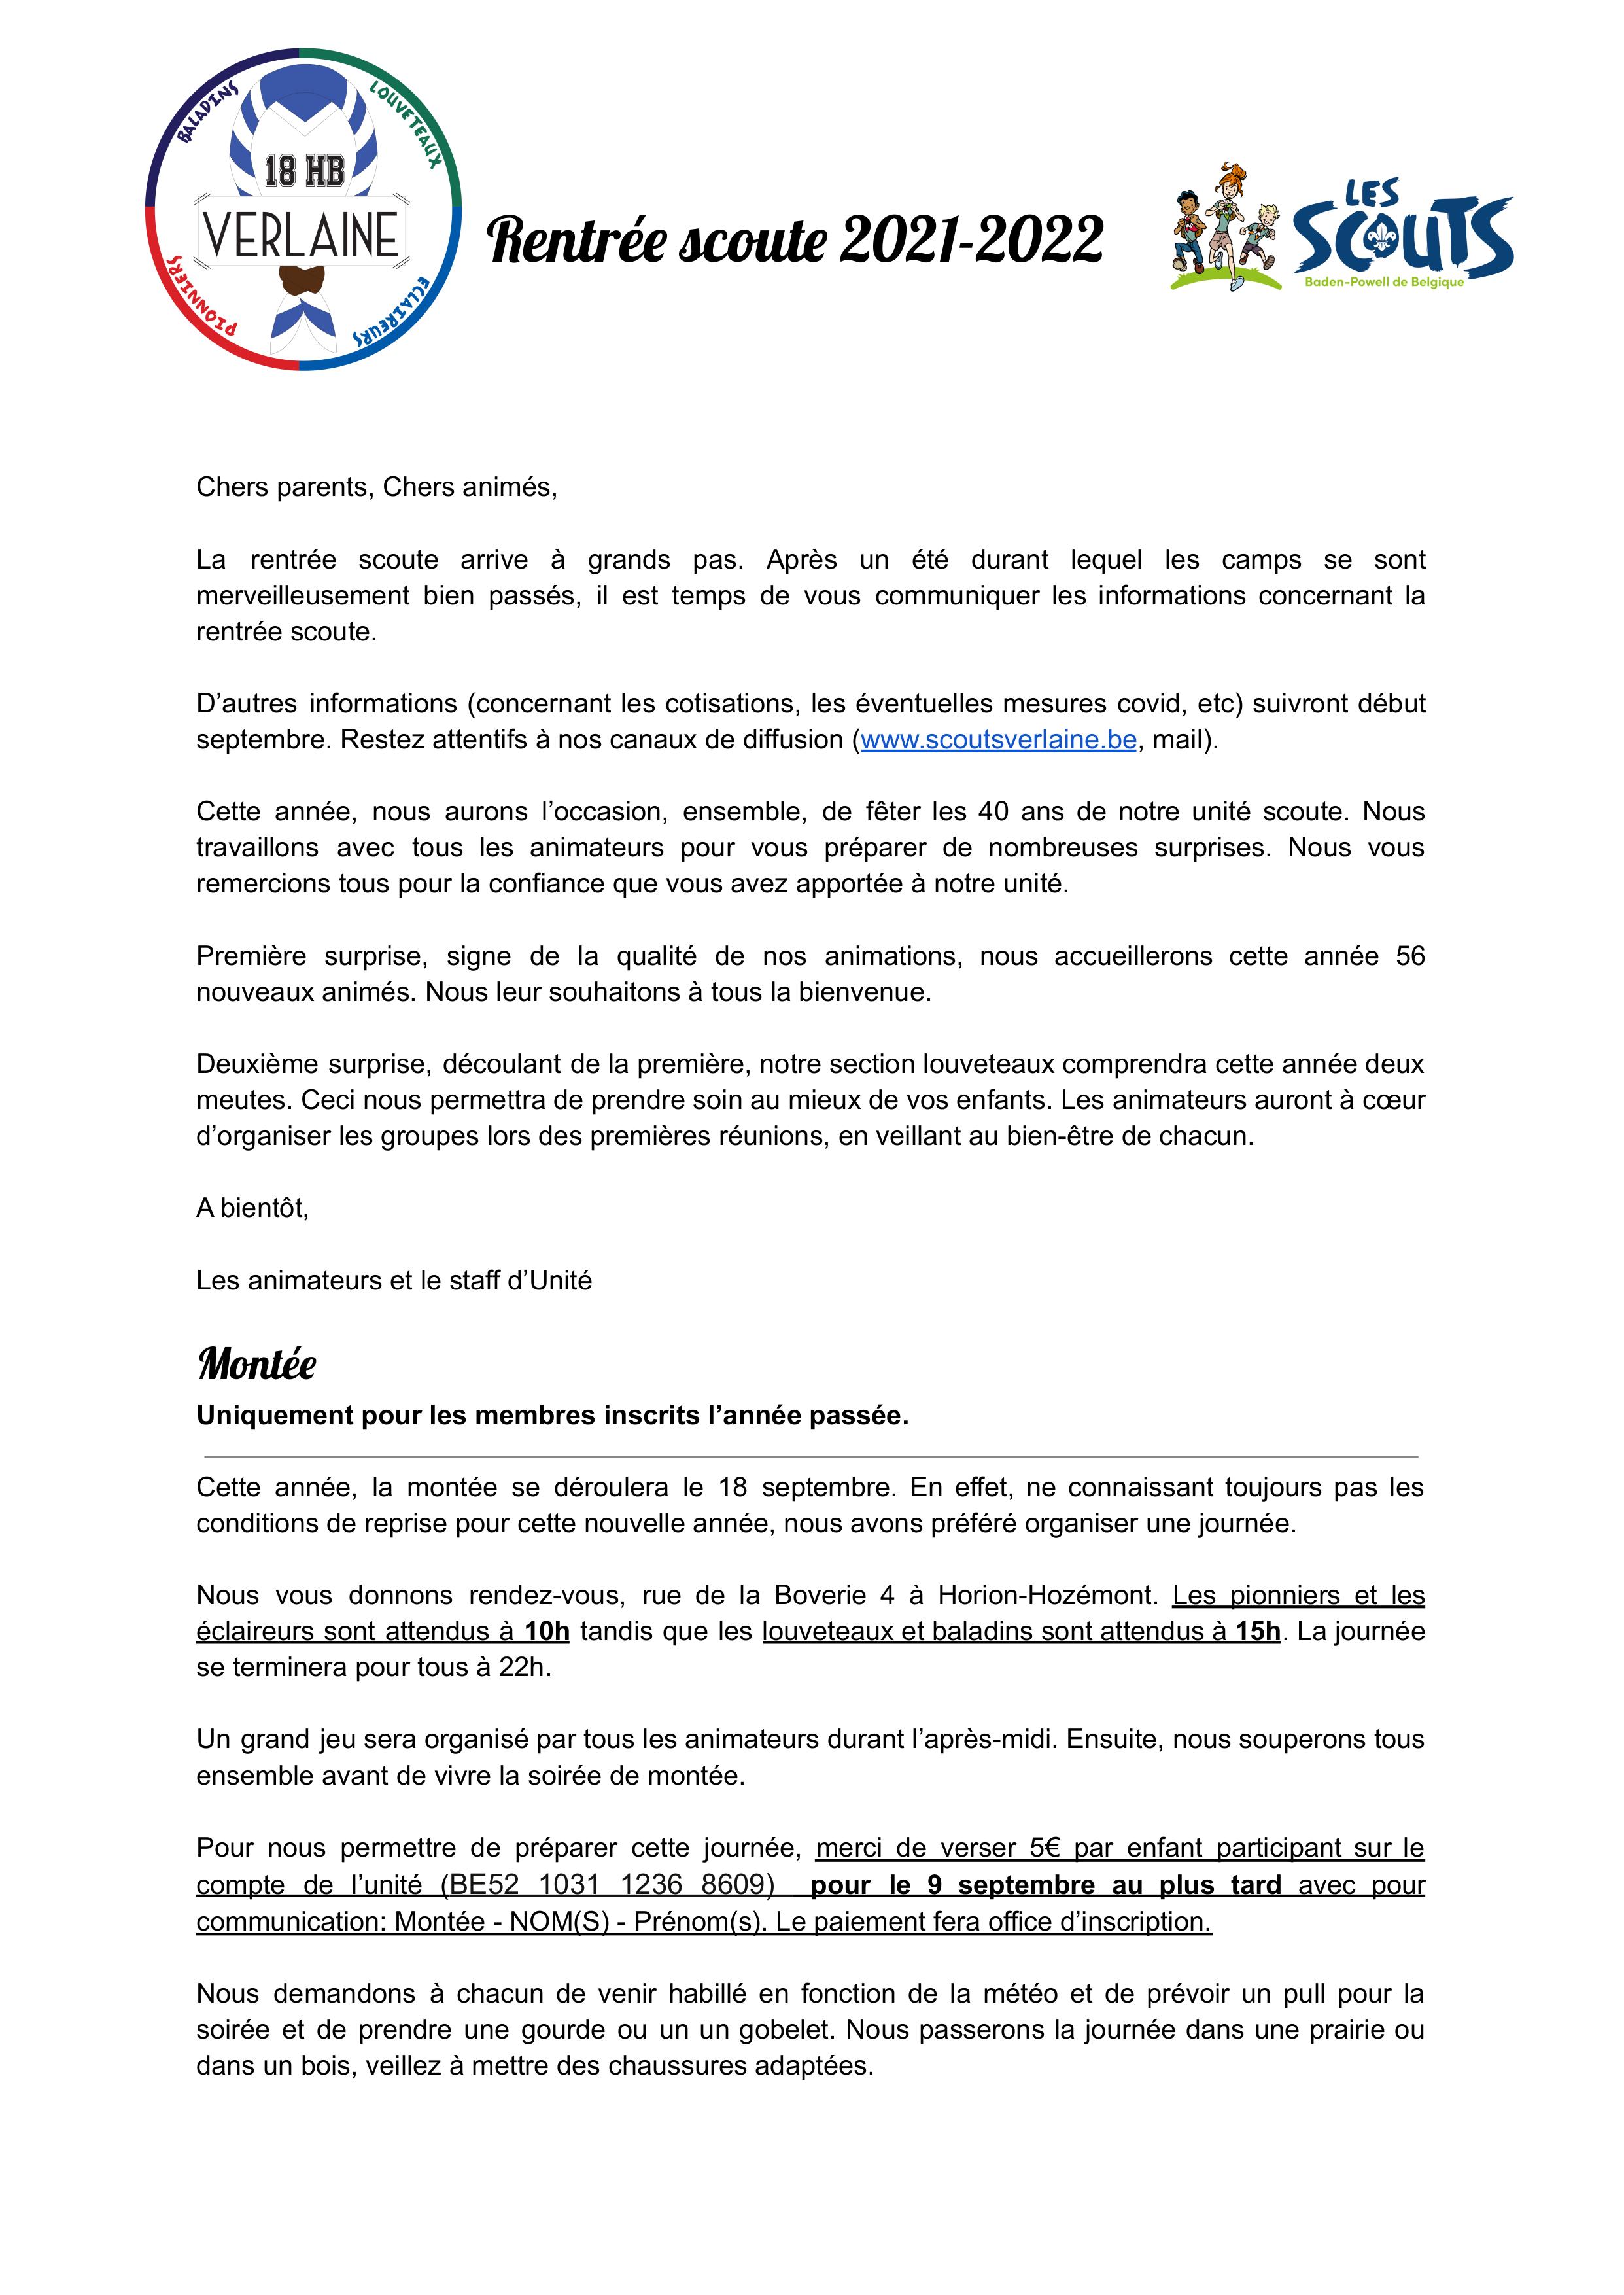 Rentrée scoute 2021-2022 - page 1